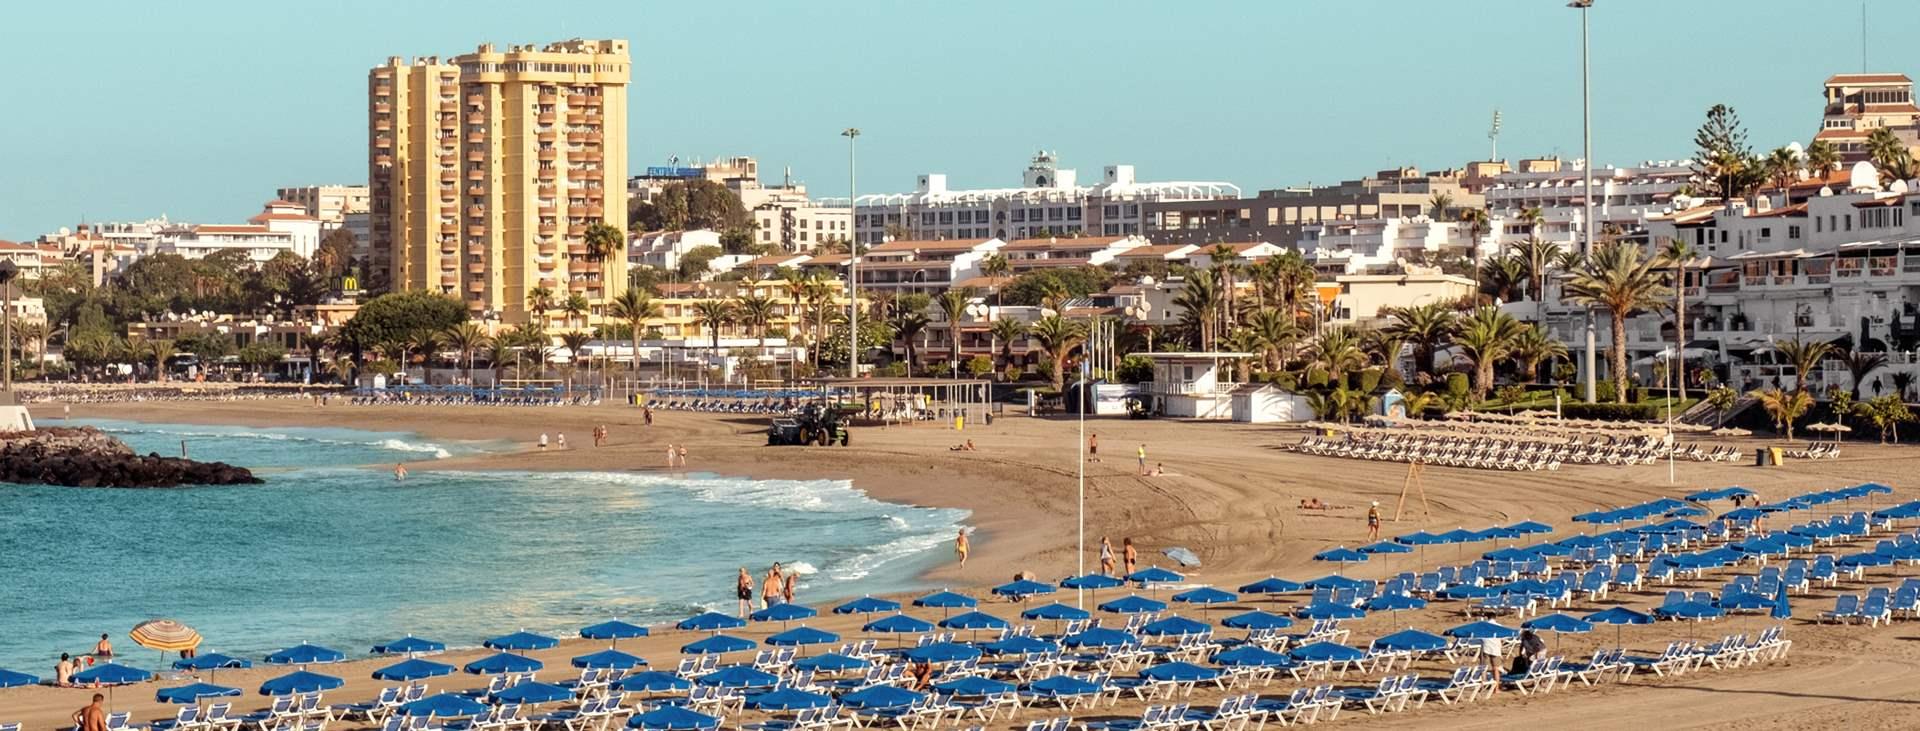 Boka din resa till Playa de las Americas på Teneriffa med Ving